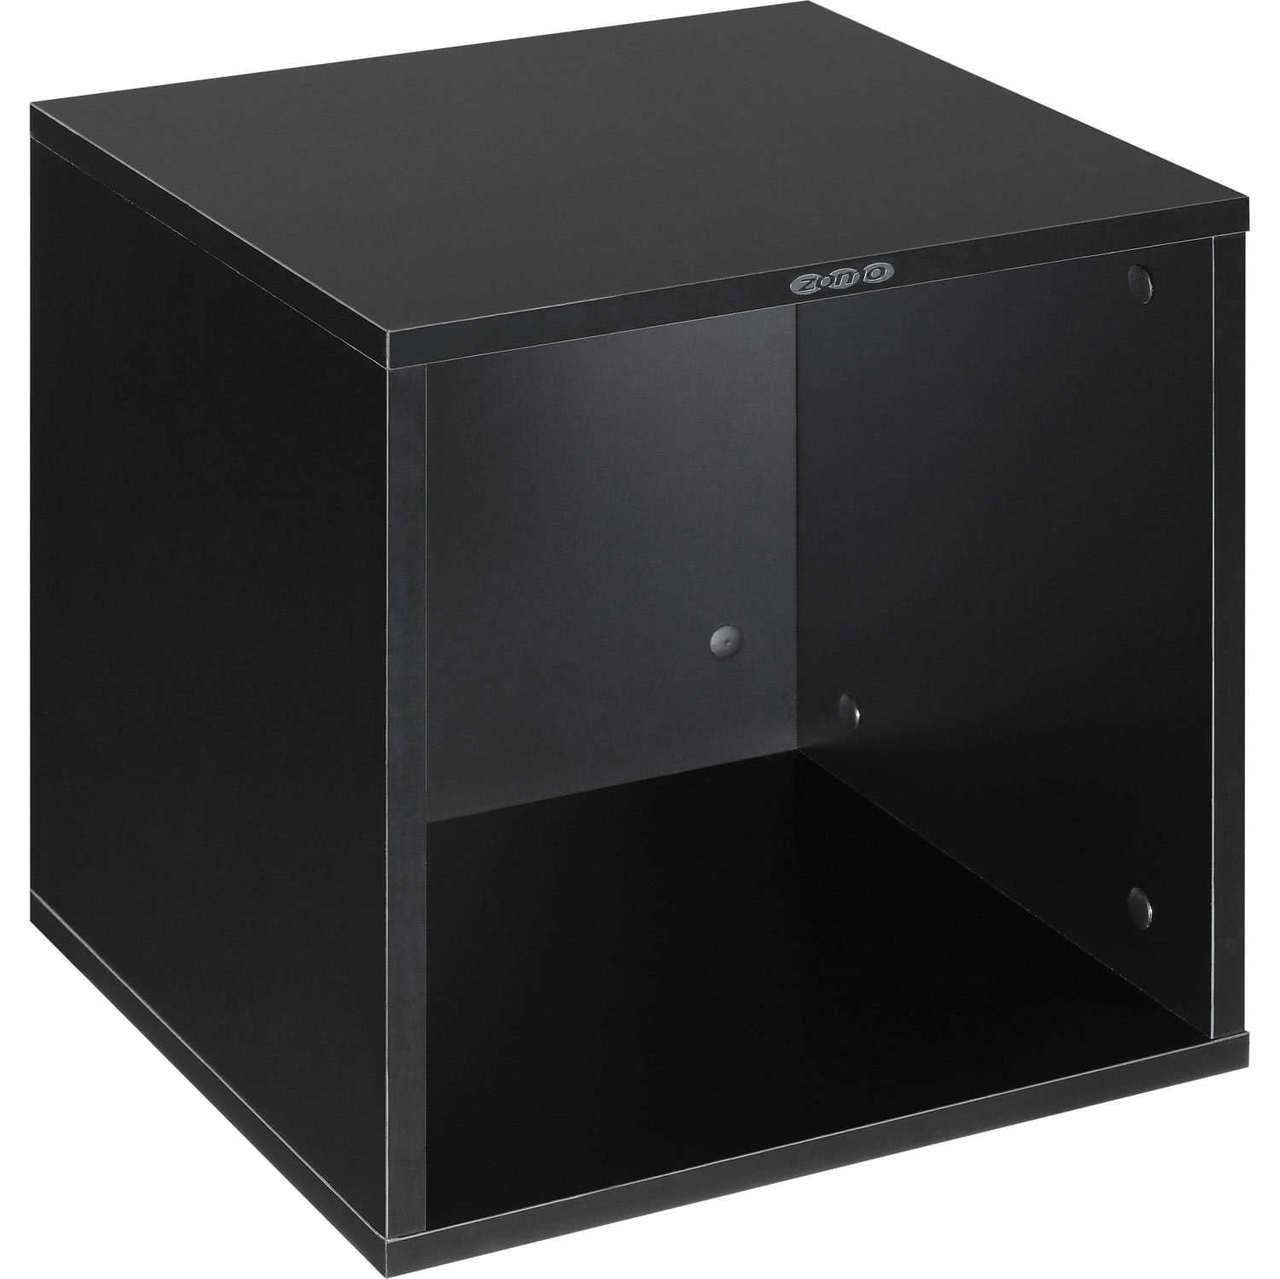 Zomo VS-Box 100 - noce 0030102380